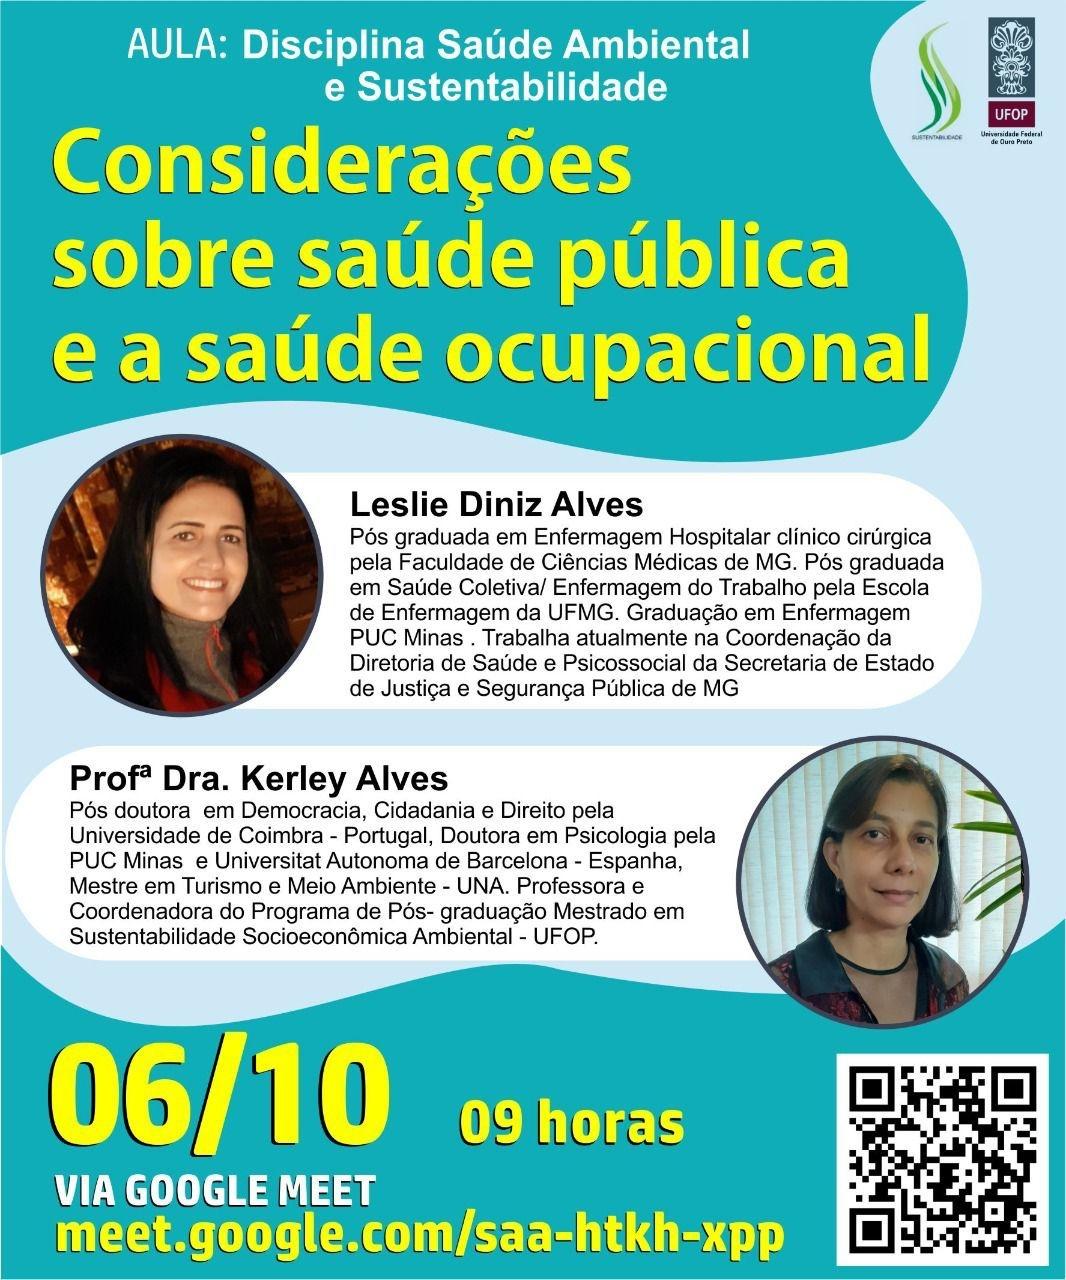 Considerações sobre saúde pública e a saúde ocupacional